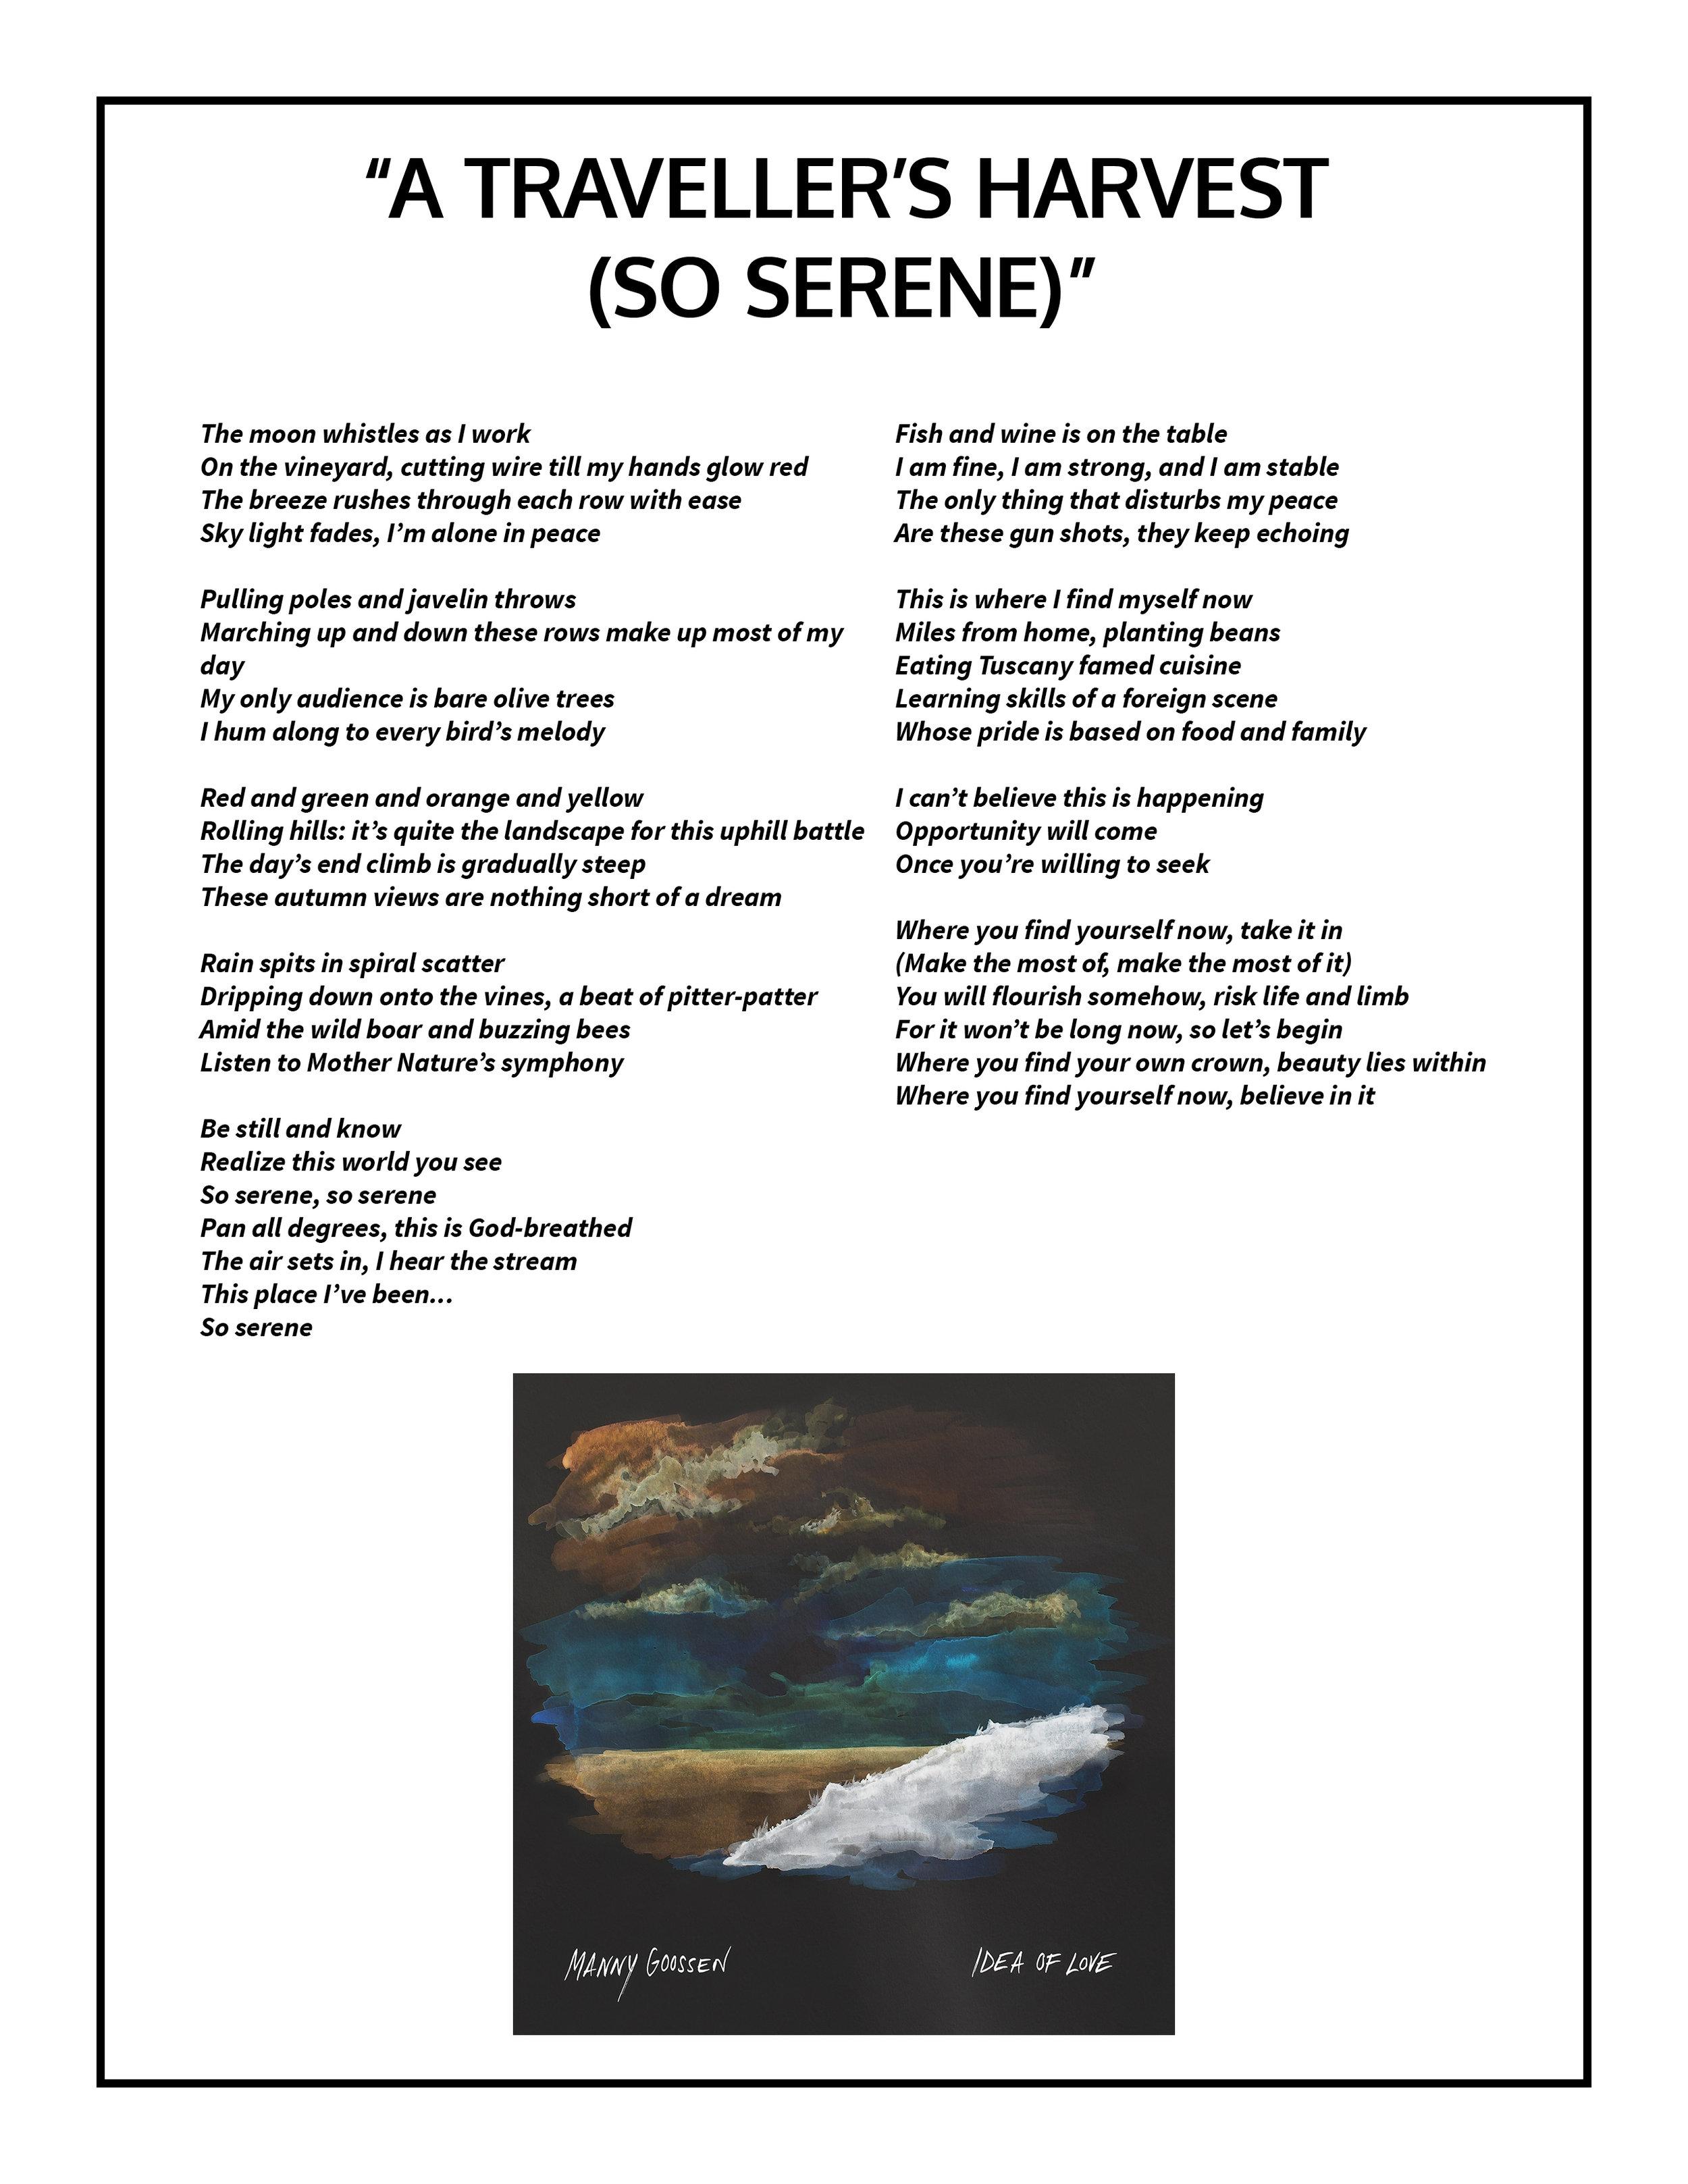 A Traveller's Harvest (So Serene) Lyrics